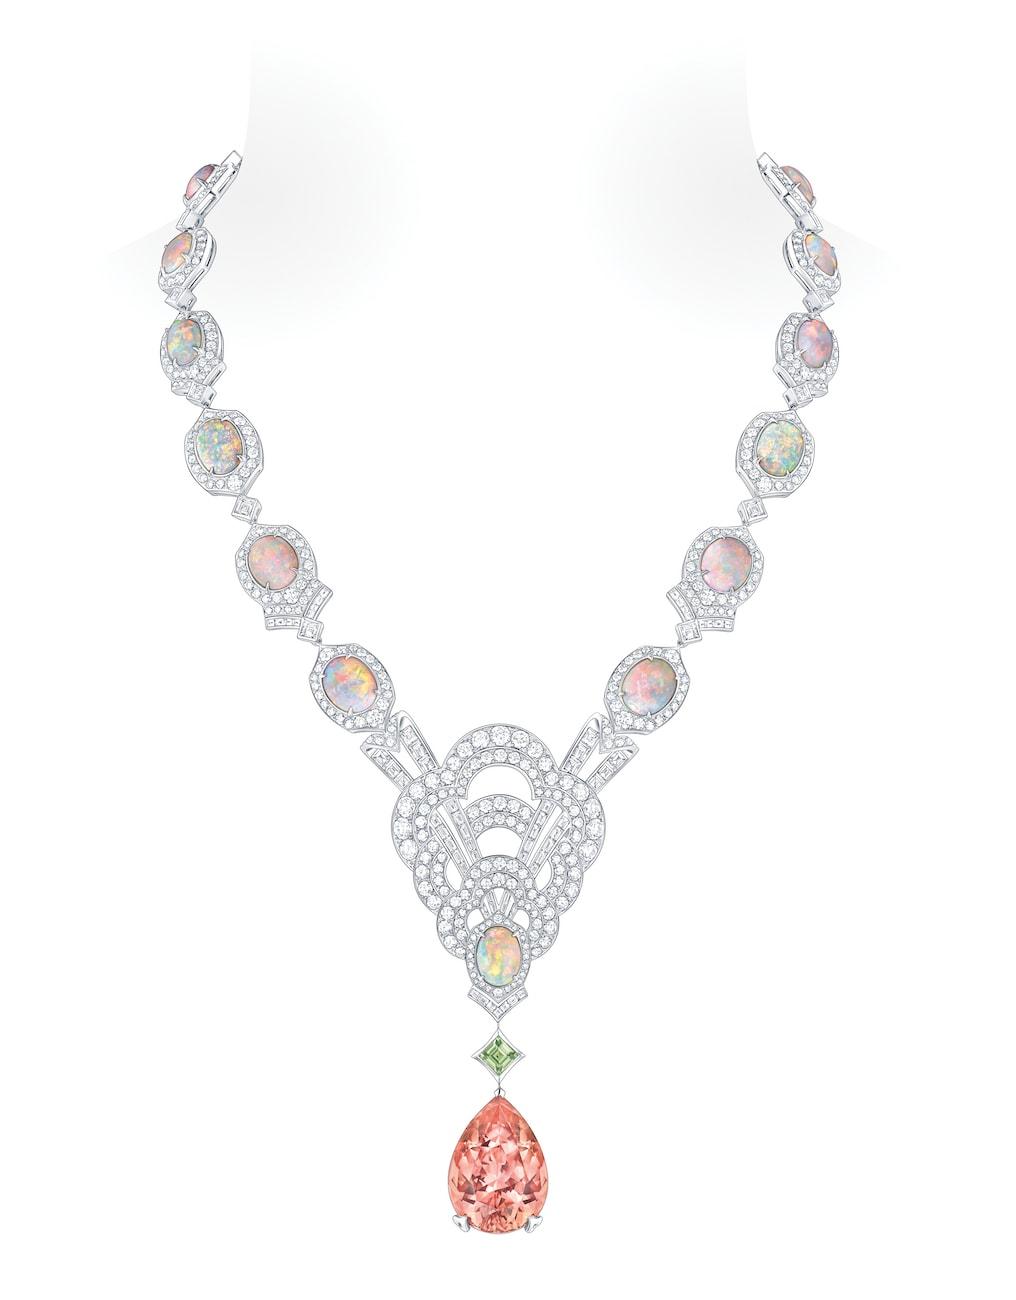 Conquêtes-Topaze-Impériale-opal-fine-jewellery-necklace